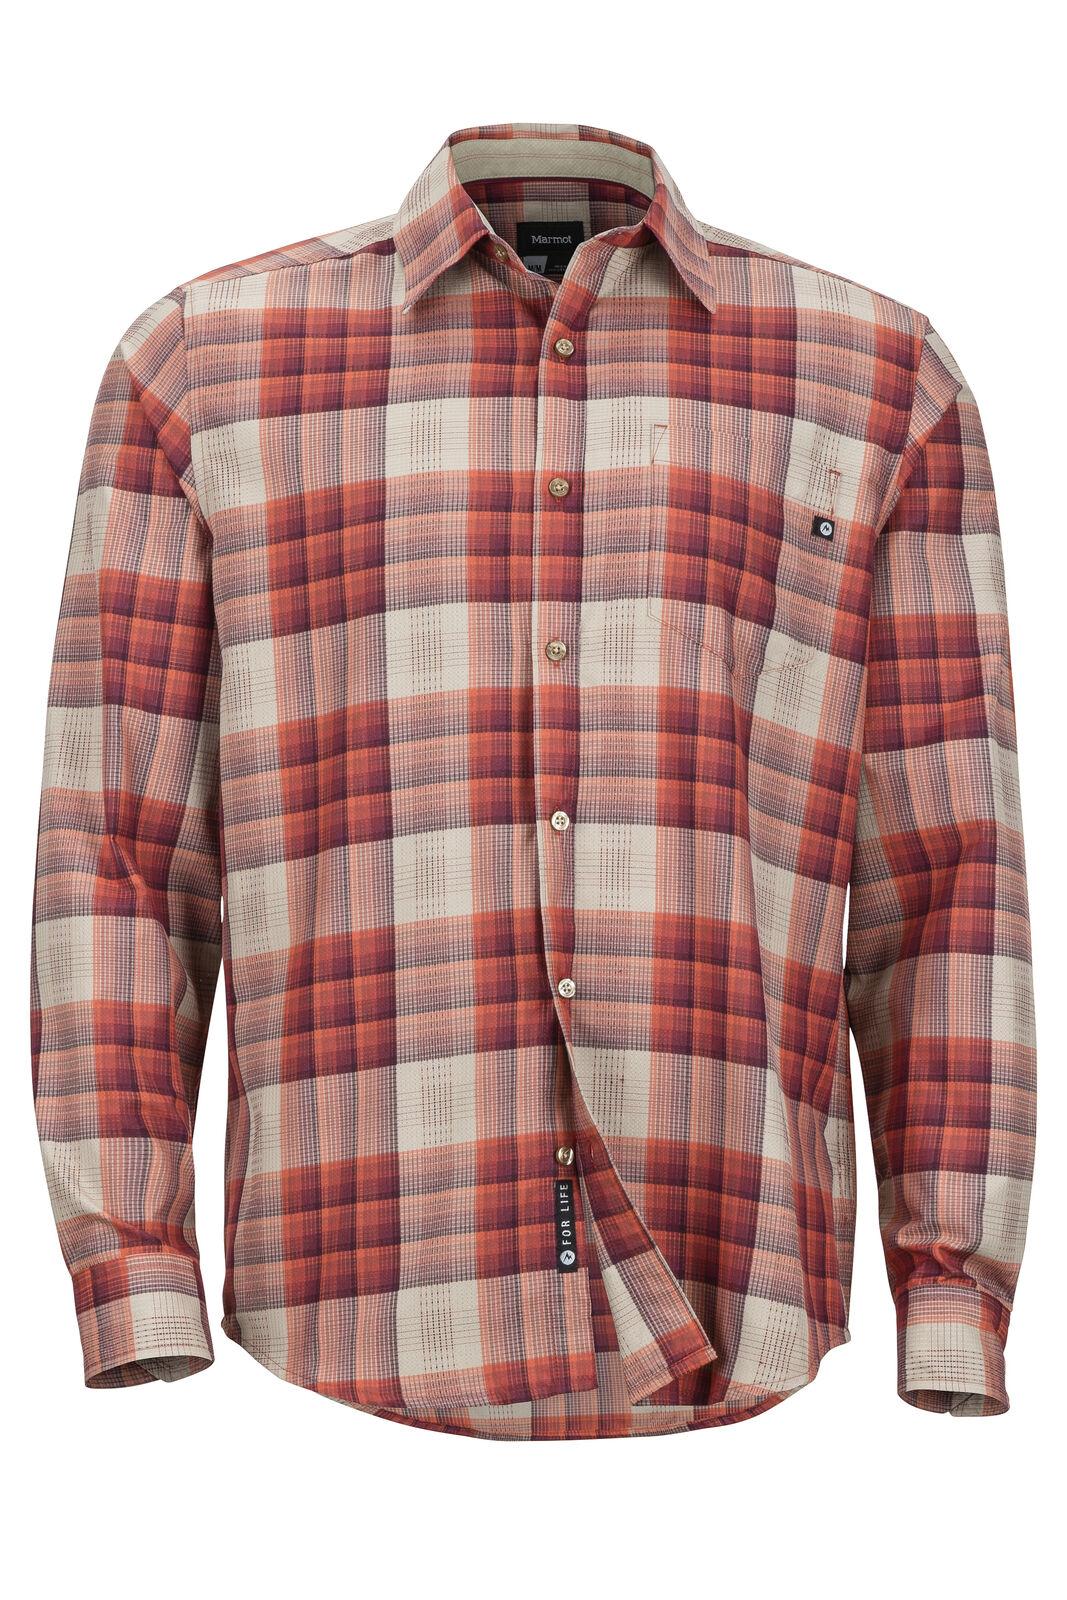 Marmot Zephyr Outdoorshirt LS Outdoorshirt Zephyr (auburn) 400cc2